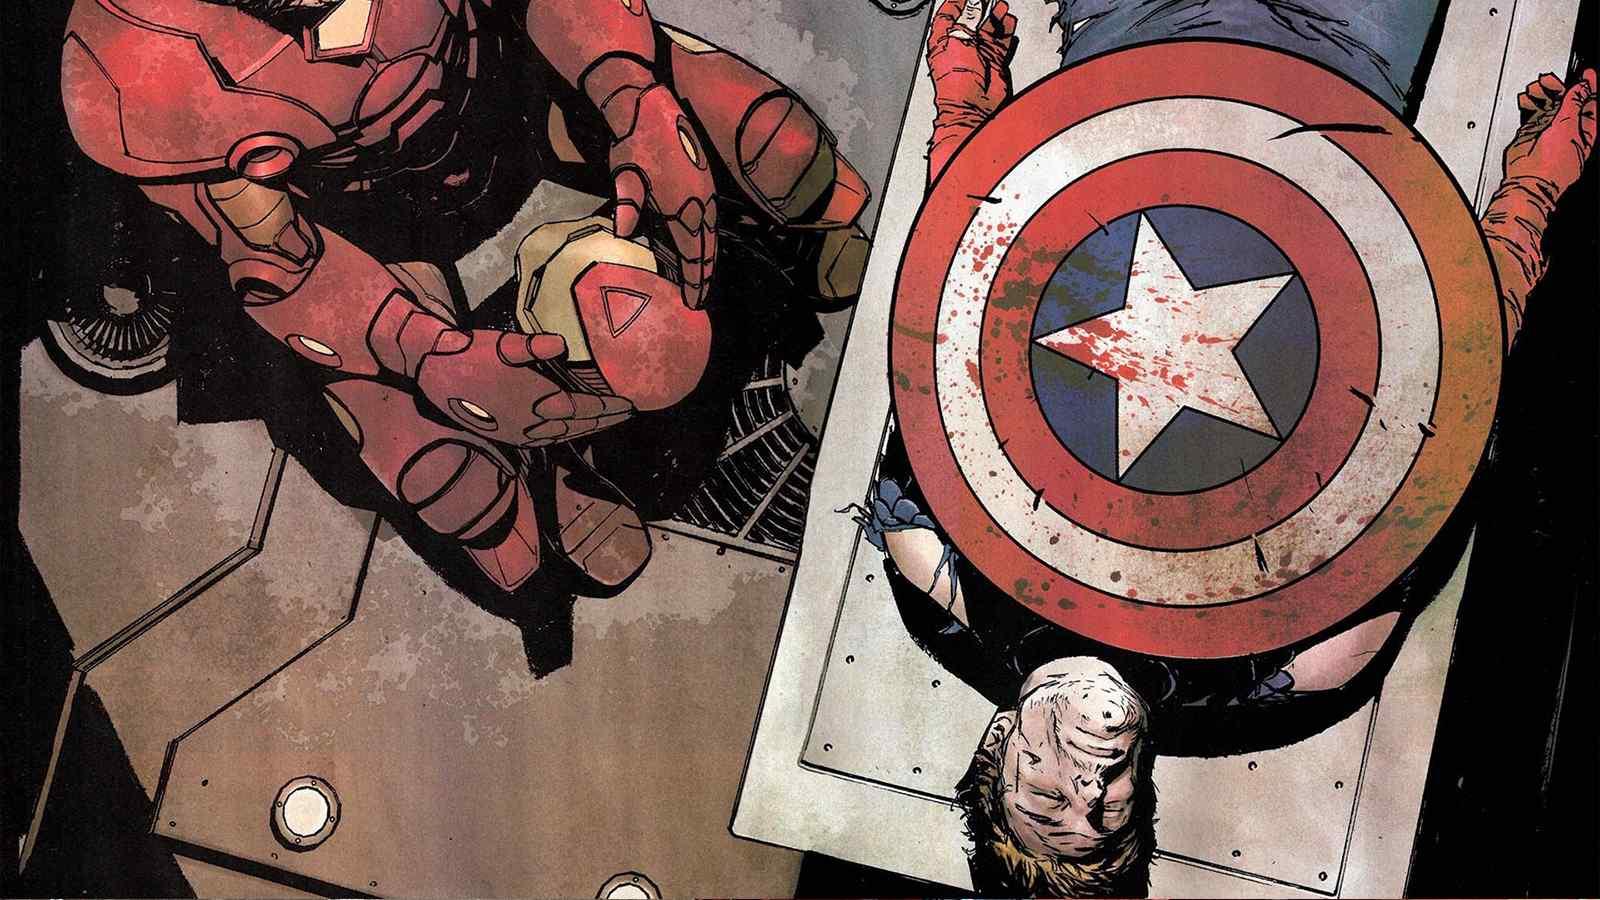 美国队长精美手绘图片桌面壁纸